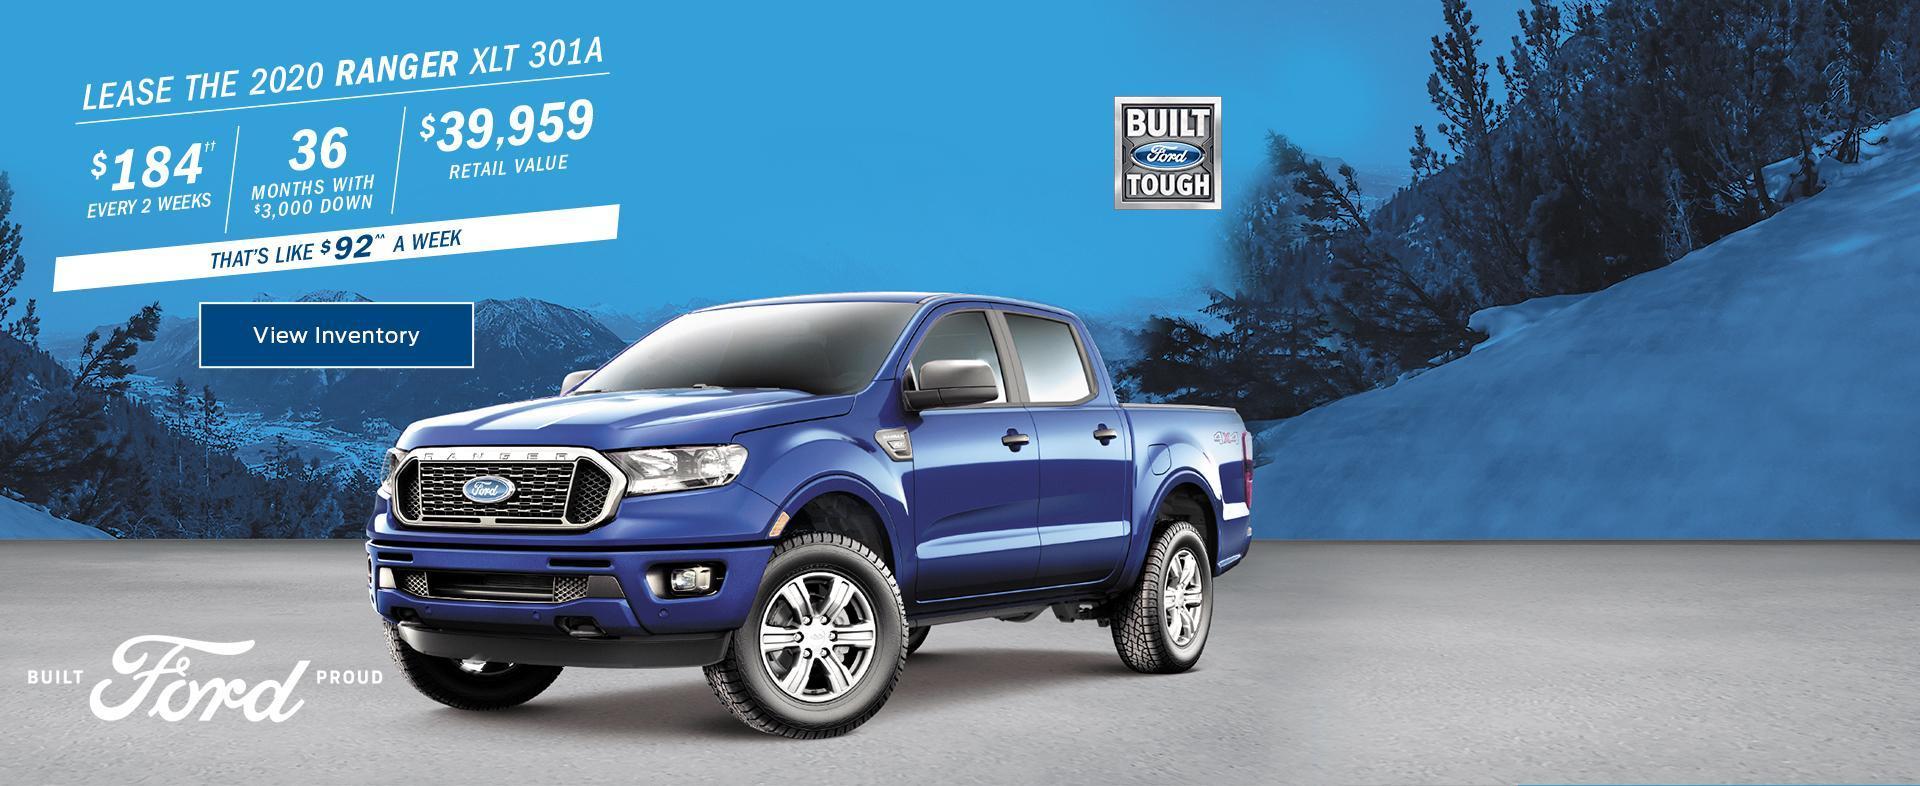 2020 Ford Ranger February Lease